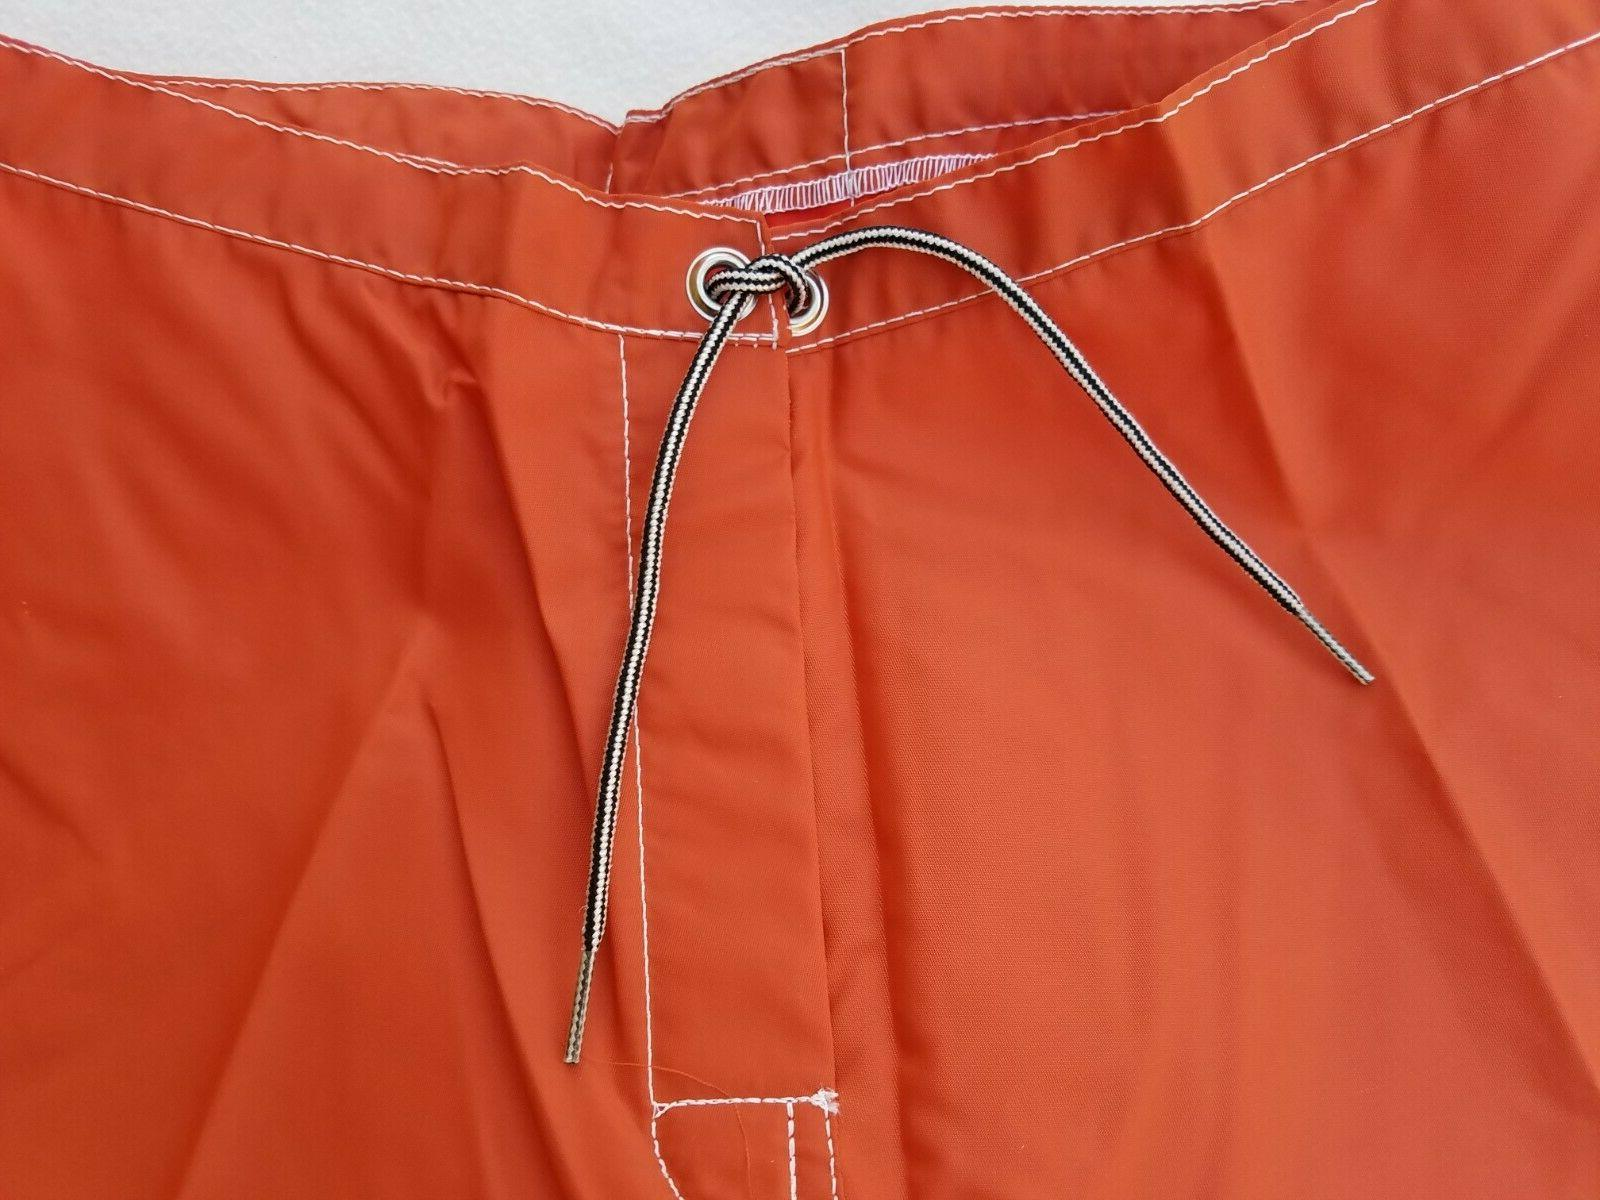 Shorts Size 34-38 Trunks Orange